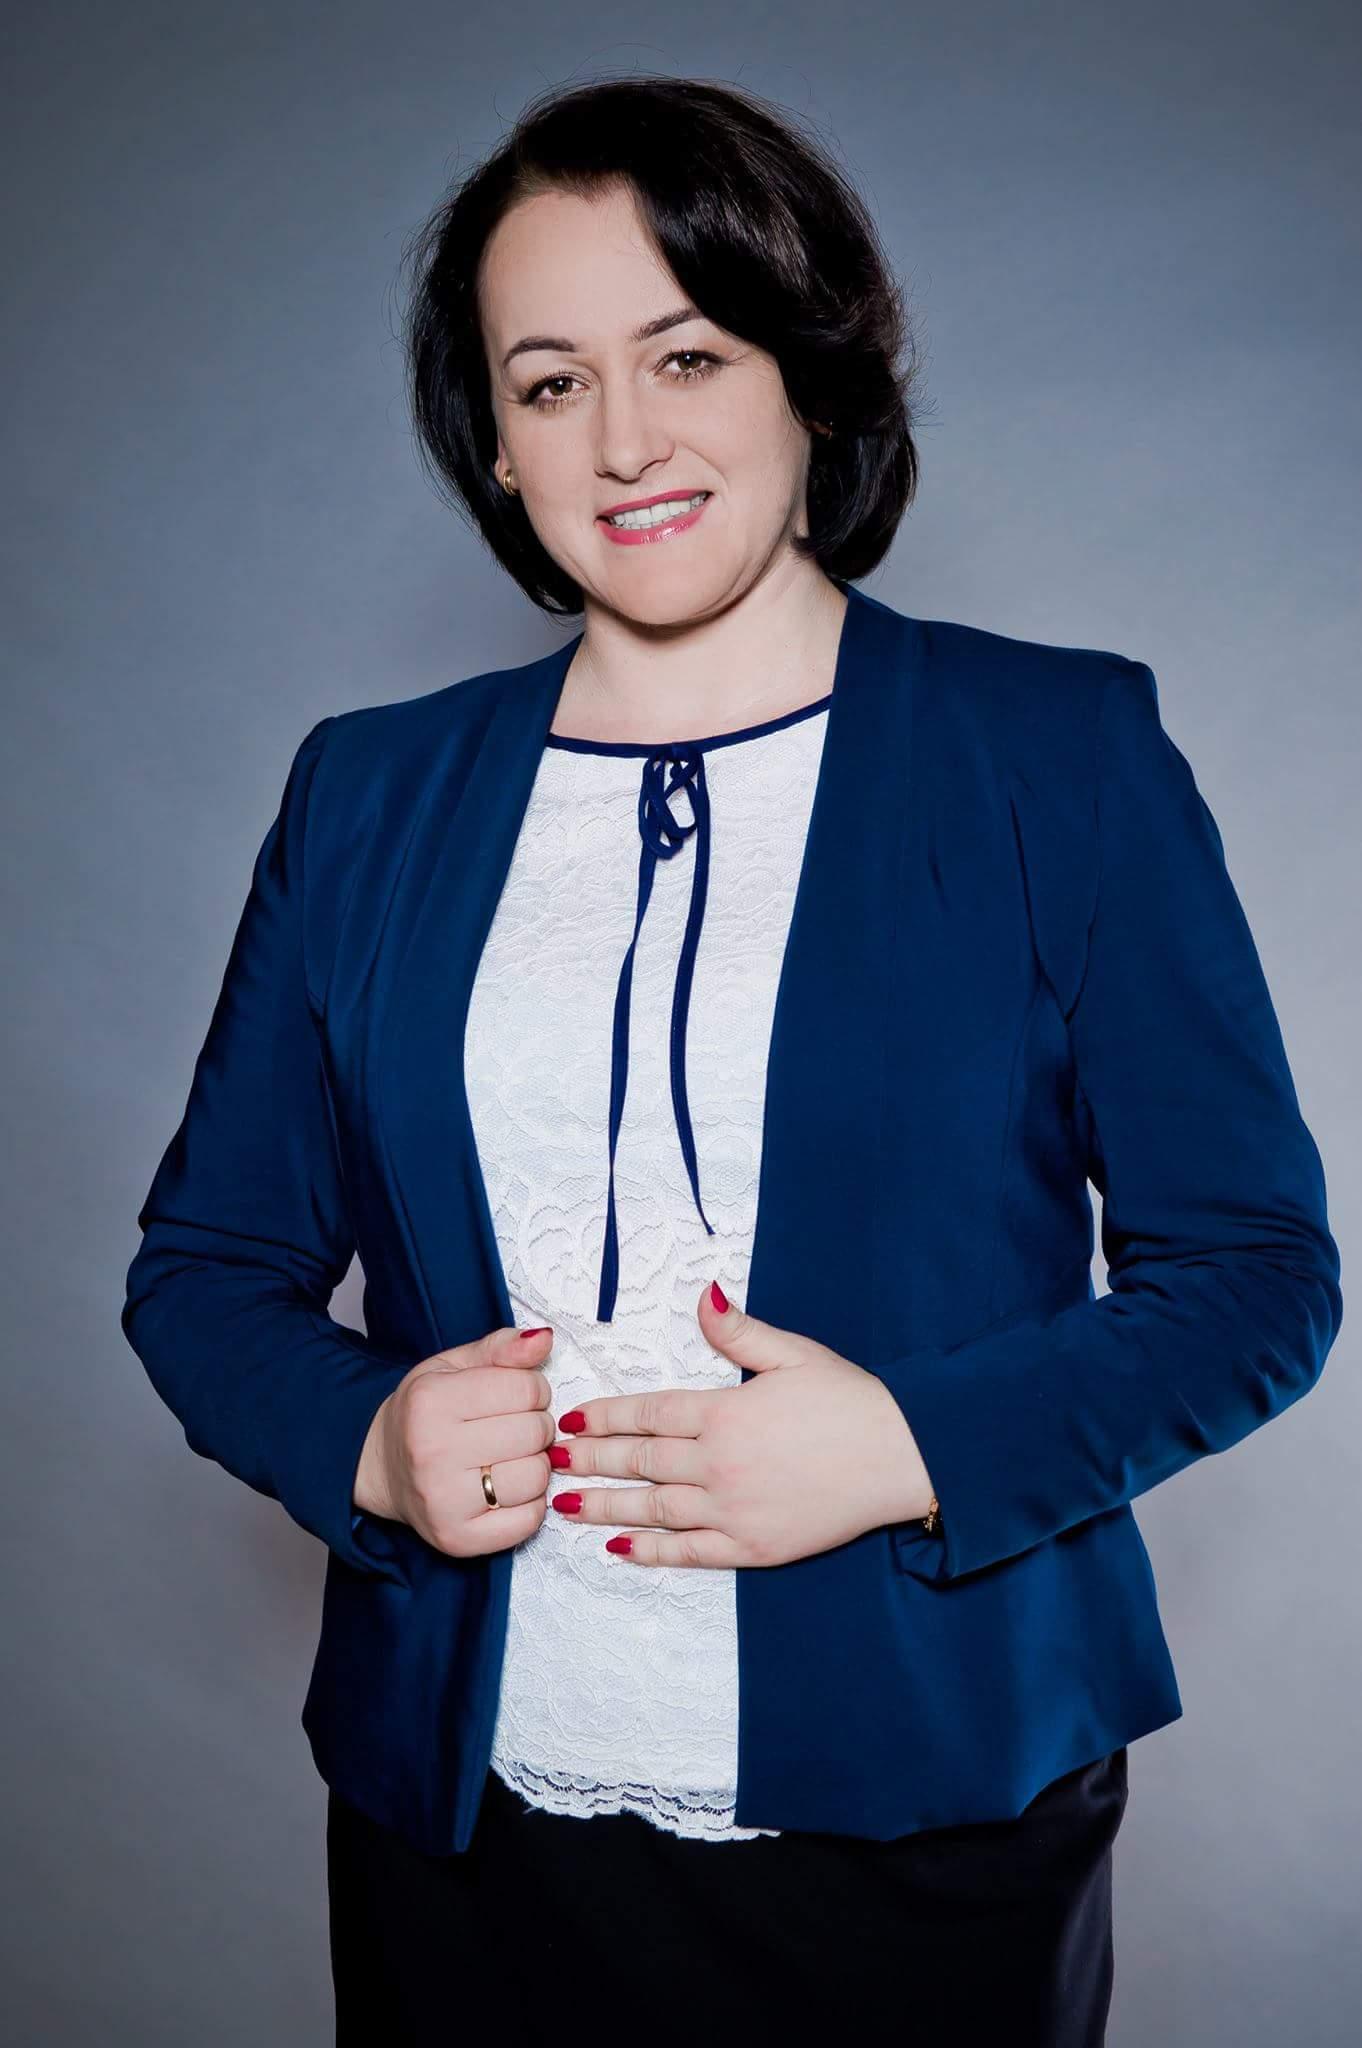 Barbara Grześ - BrainIQ